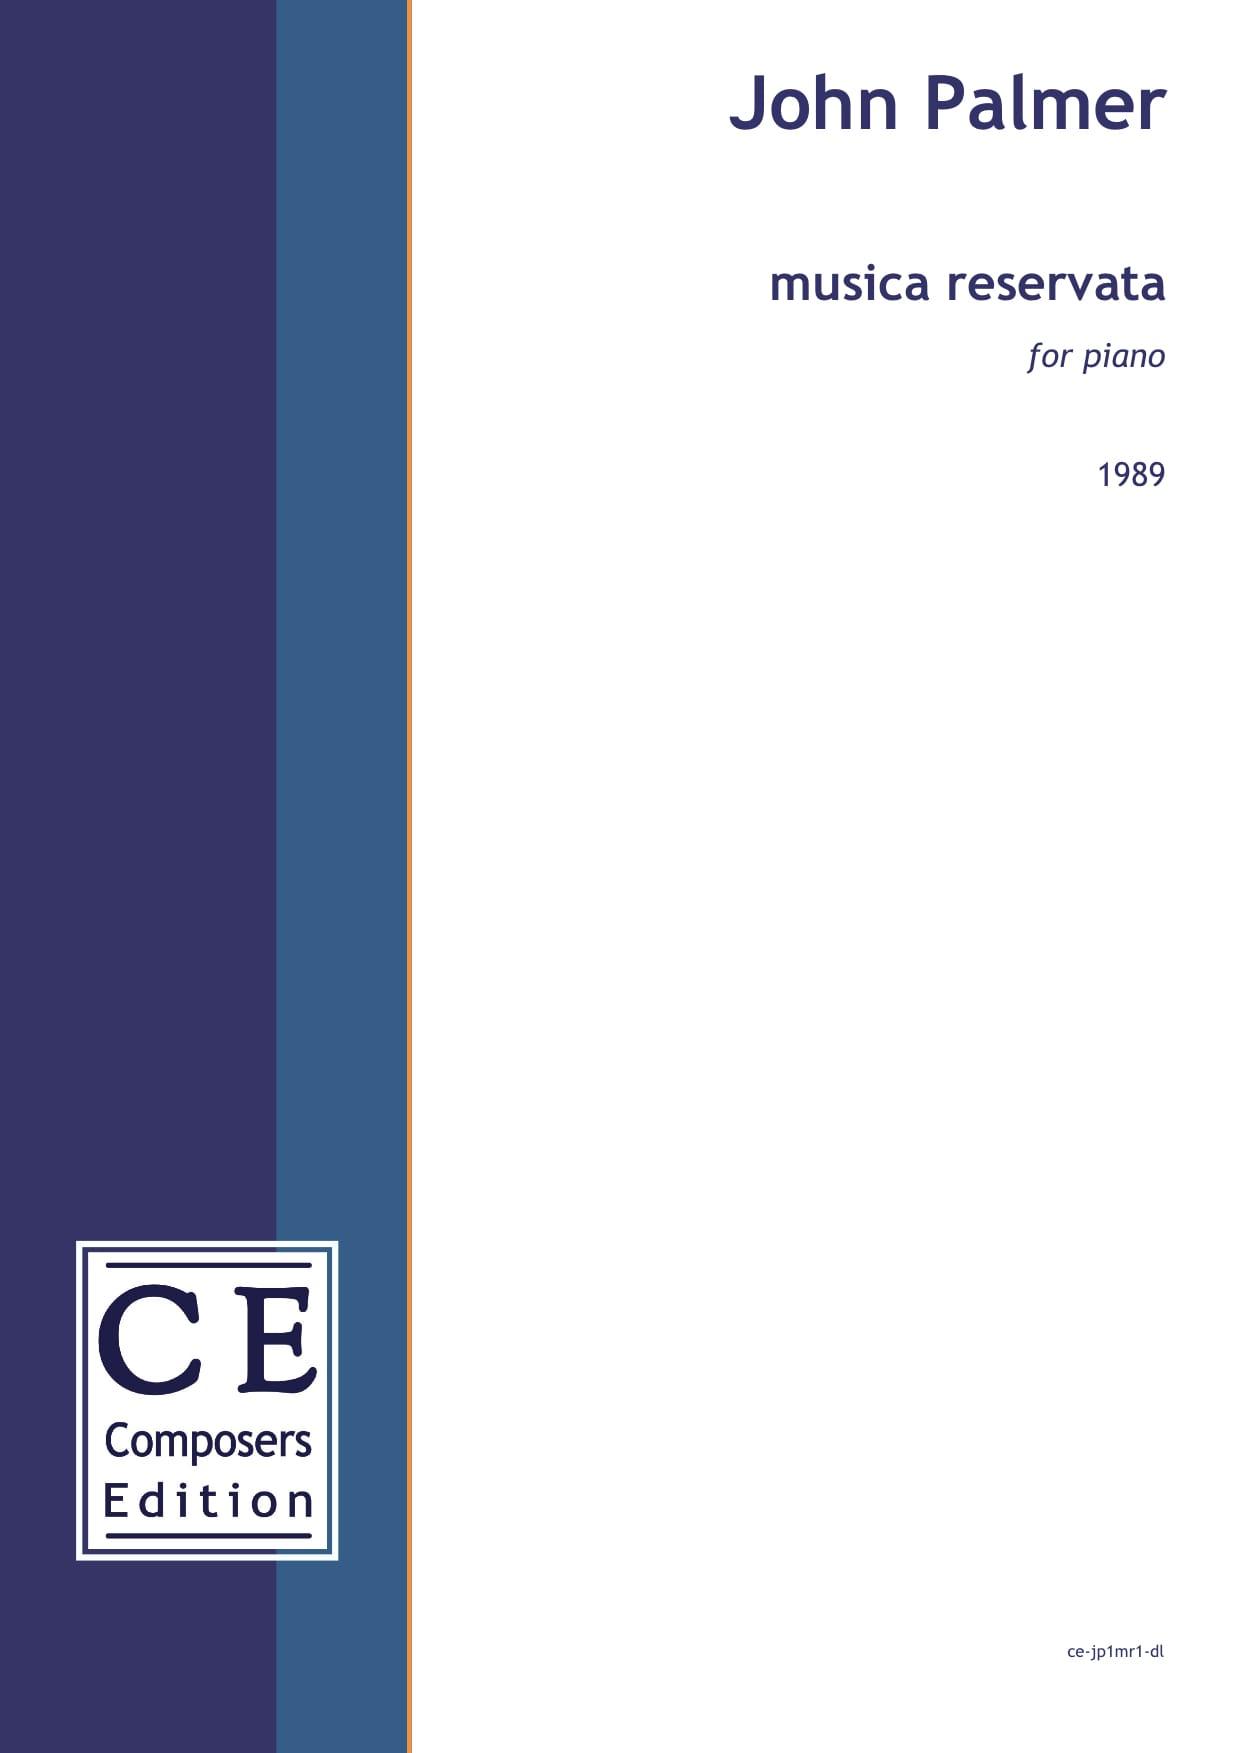 John Palmer: musica reservata for piano